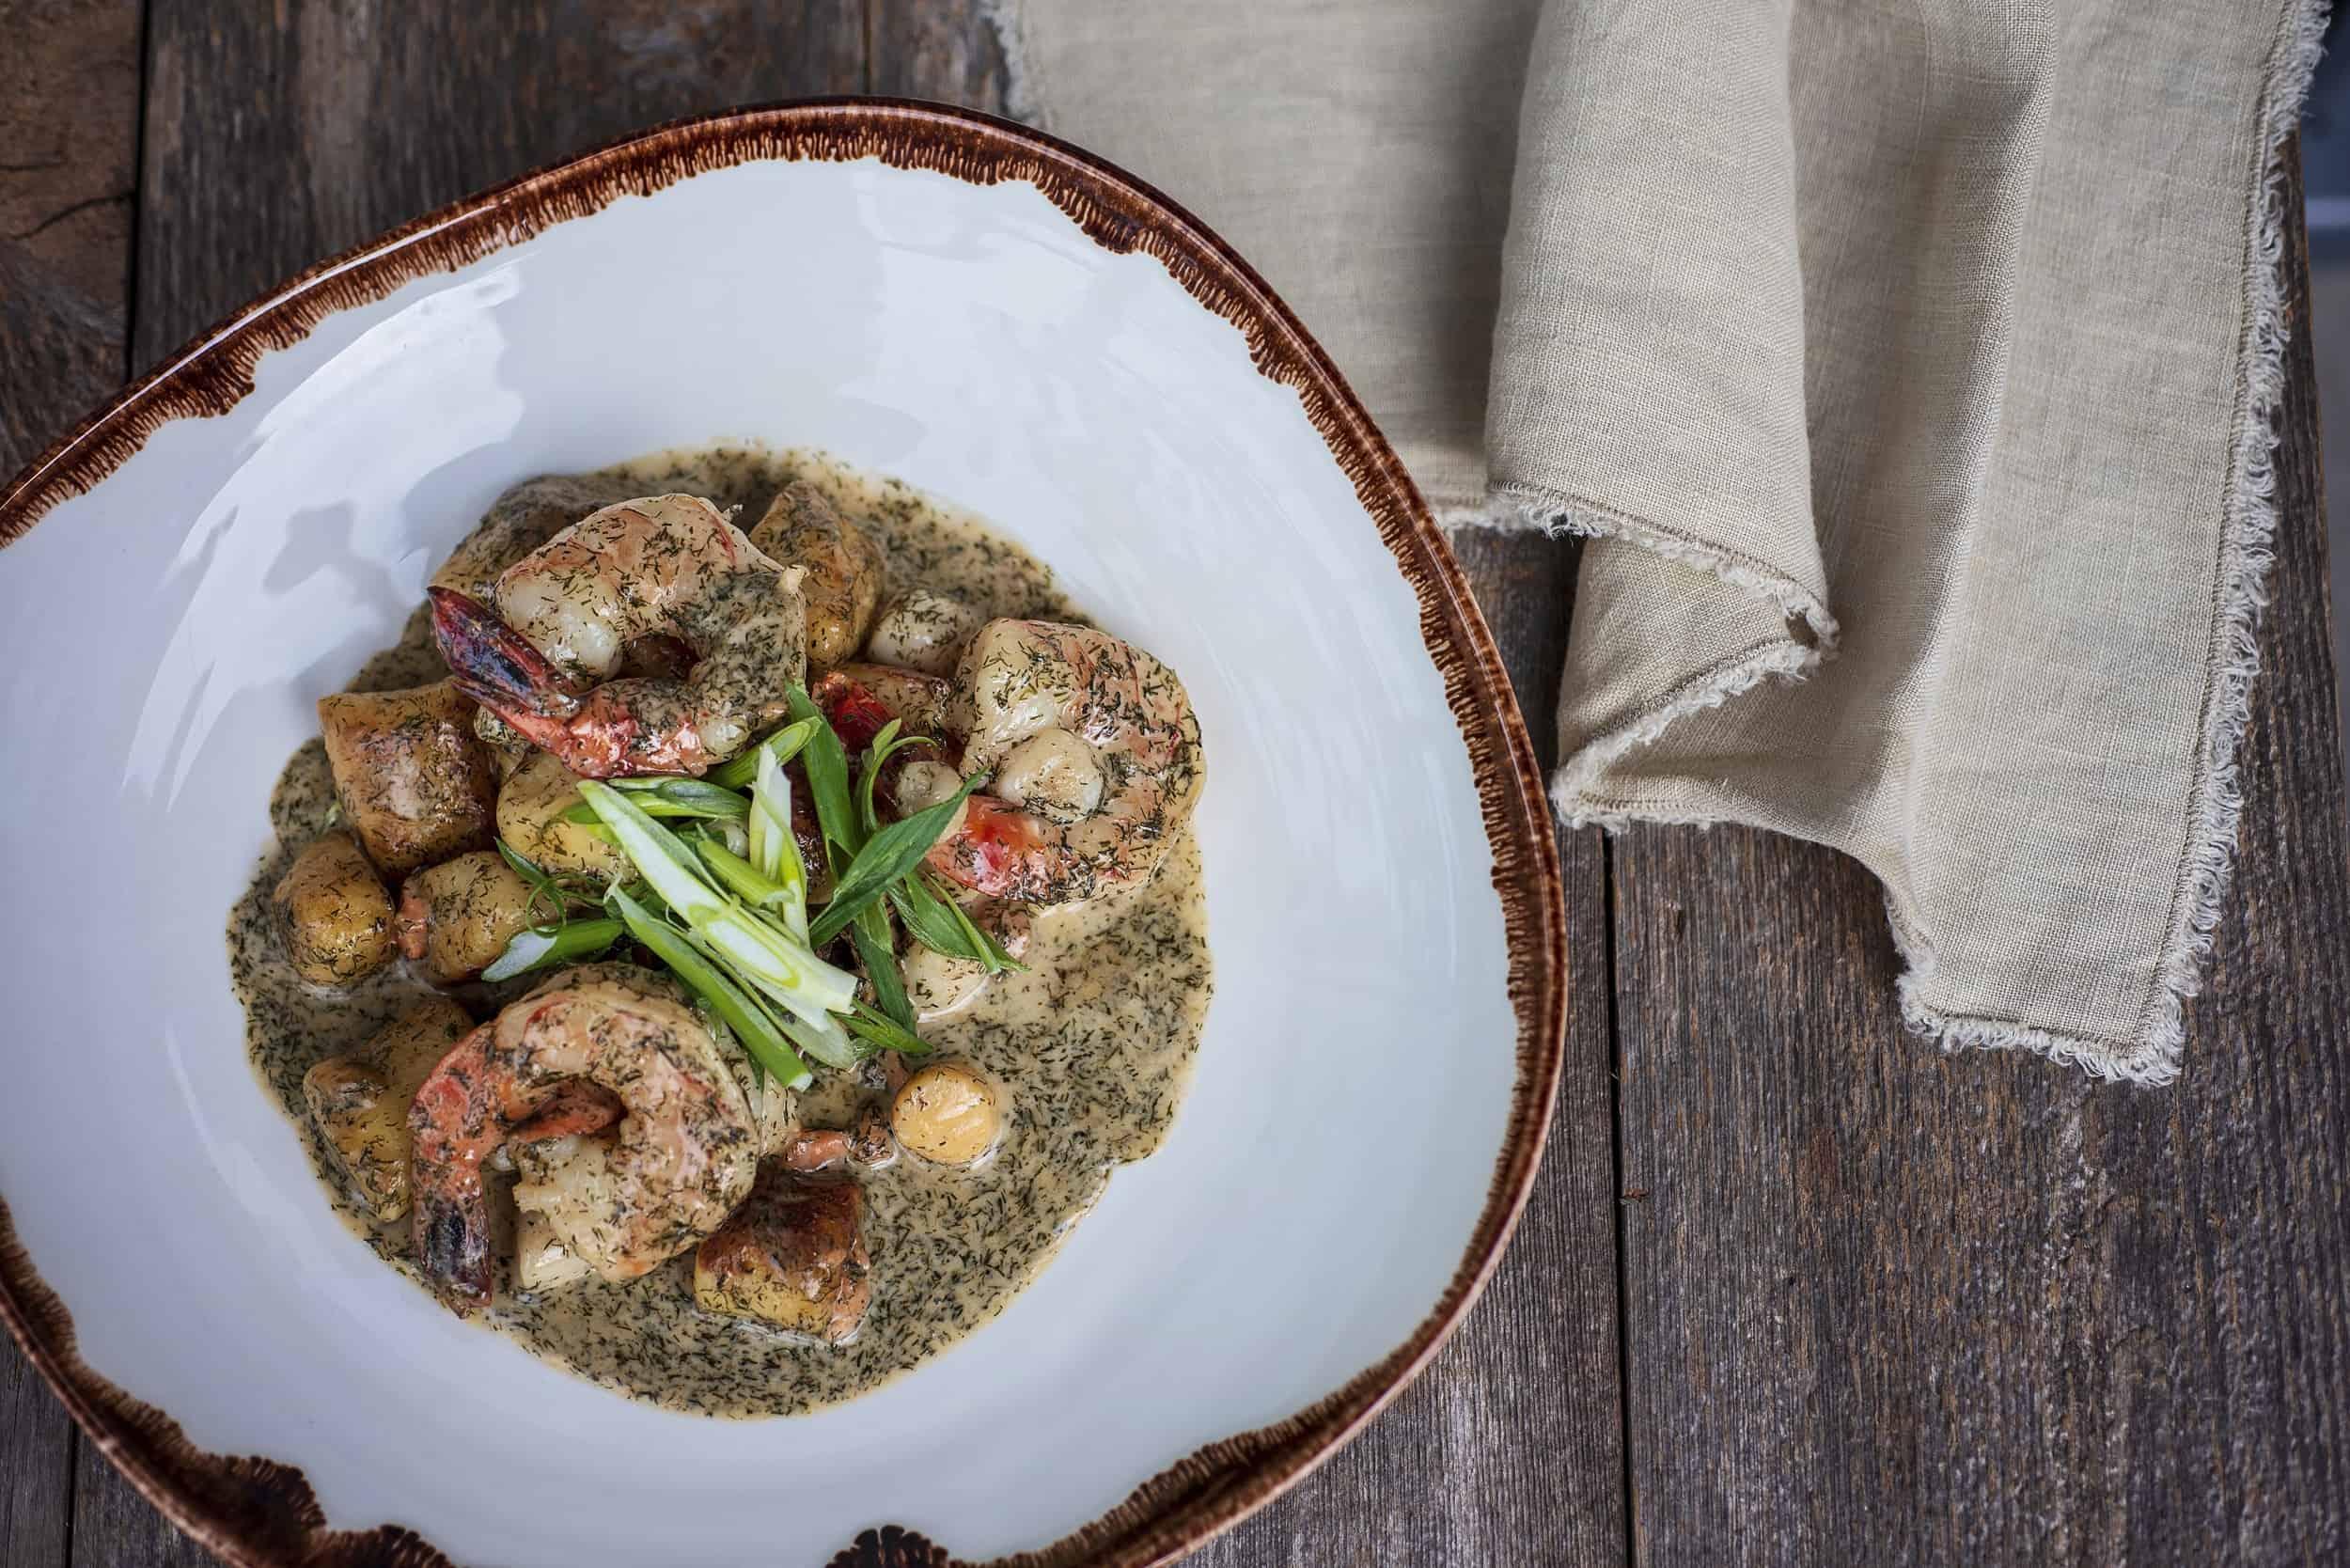 Qualicum Beach Cafe Seafood Gnocchi